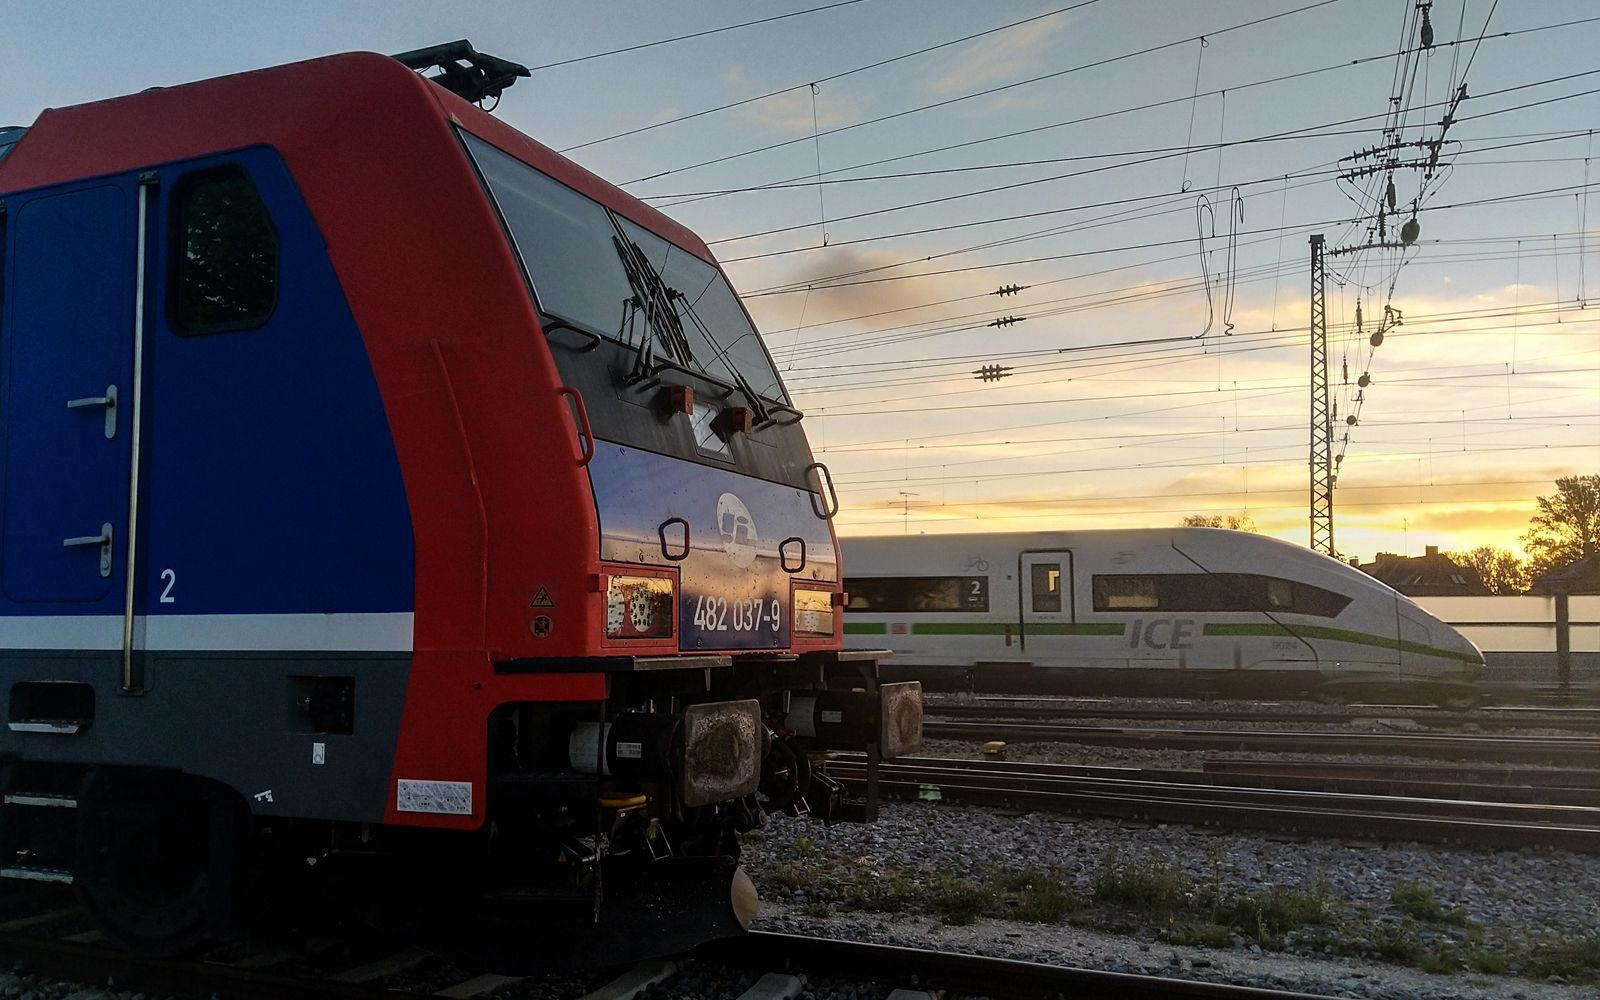 ©Foto: Denis Herwig   railmen   Lokführer im Dienst für InfraLeuna   ICE mit grüner Bauchbinde überholt Güterzug bei Augsburg